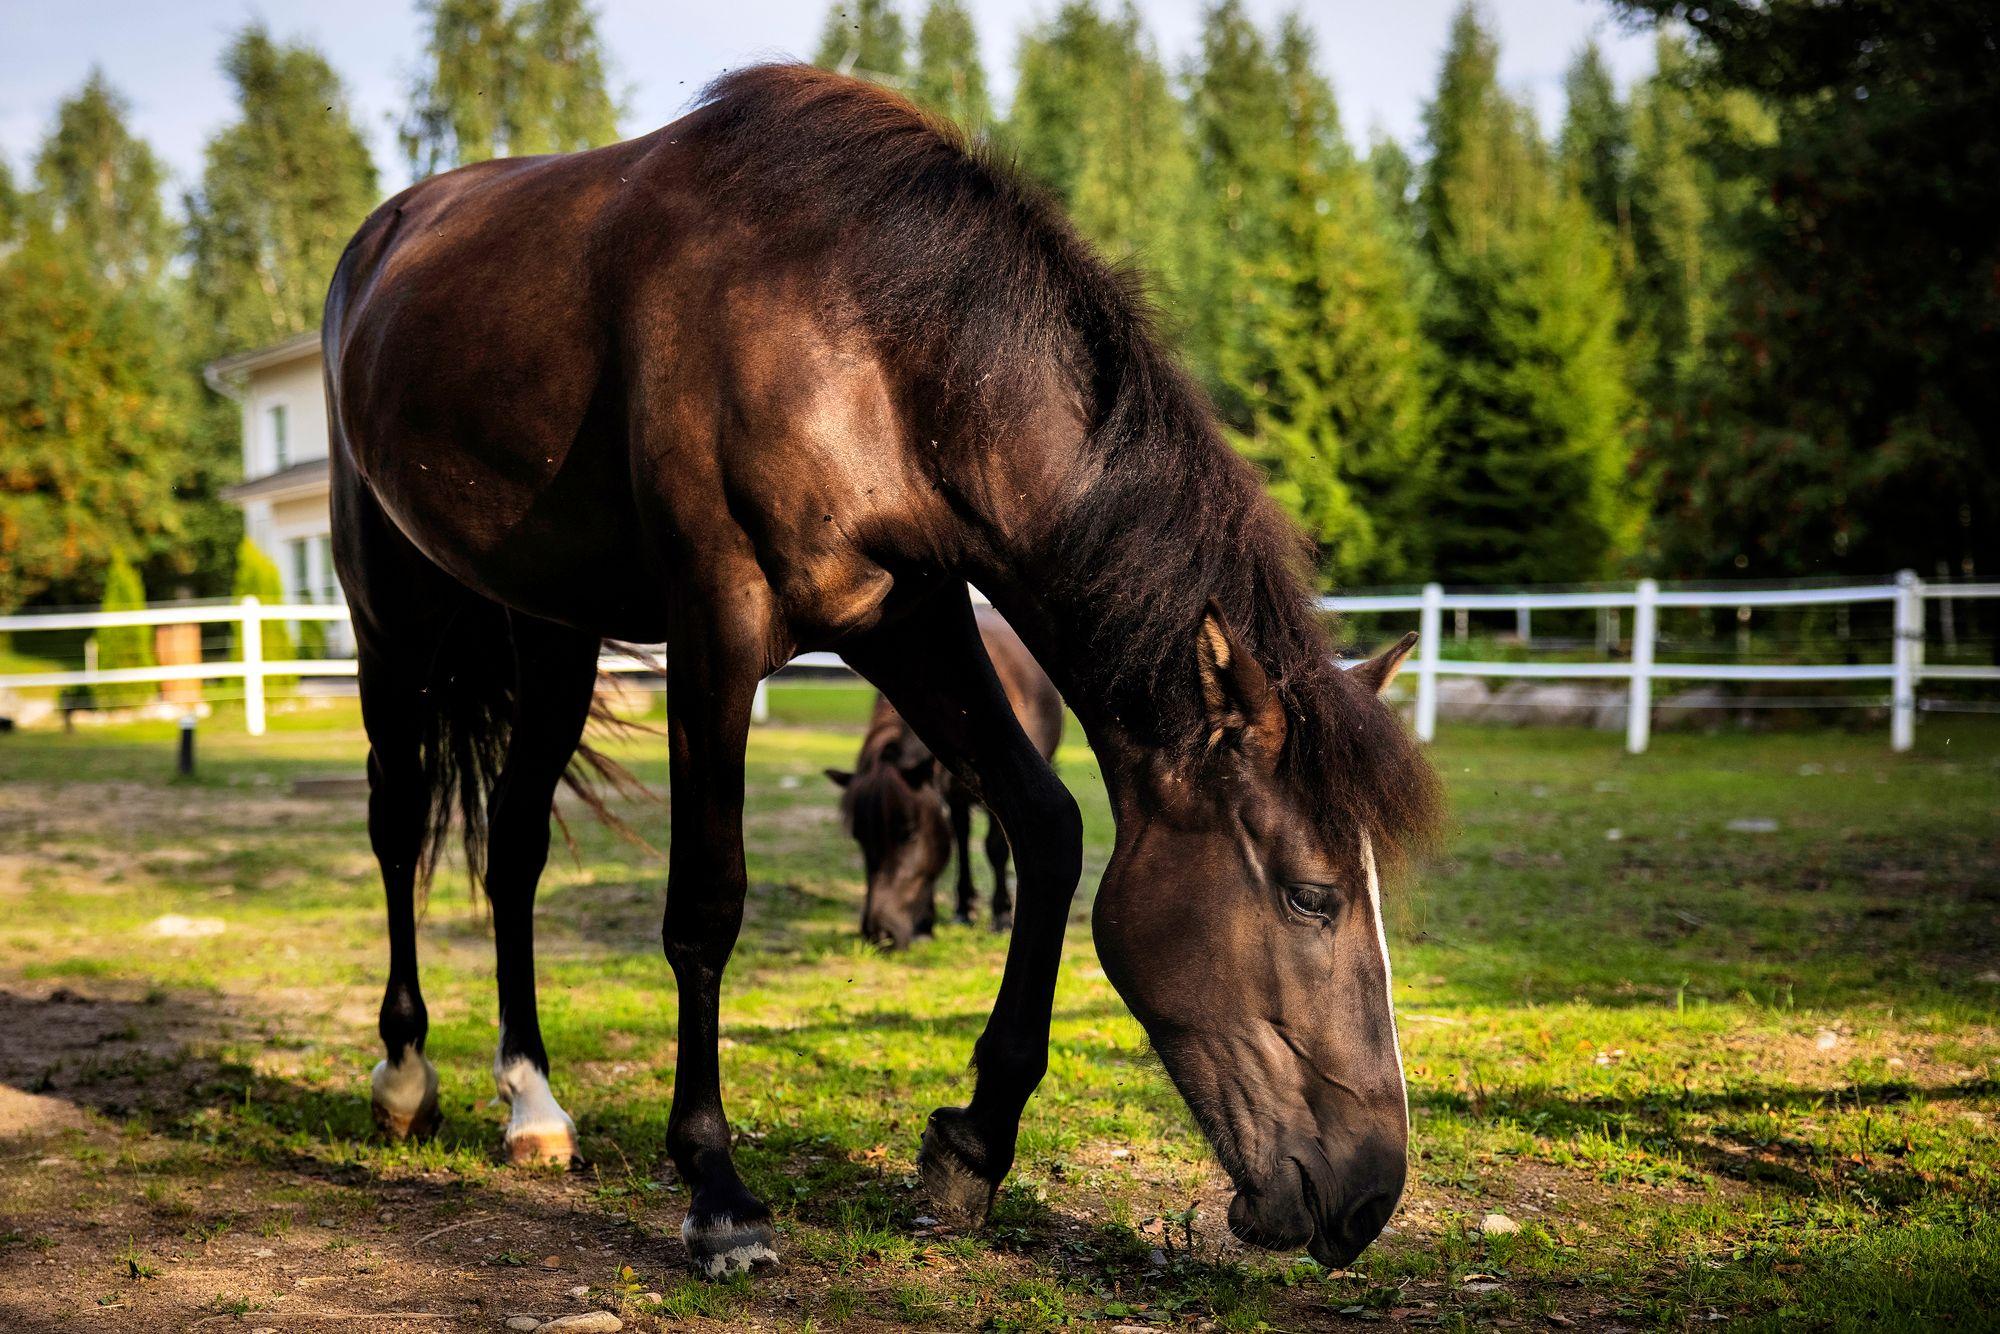 Kun shetlanninponi Stella saapui Kukkakumpuun heinäkuussa, Runoliisa sai kadonneen elämänhalunsa takaisin. Ystävyys kaksikon välillä solmittiin ensikohtaamisella, ja nyt arkea eletään tiiviisti rinnakkain. © Vessi Hämäläinen